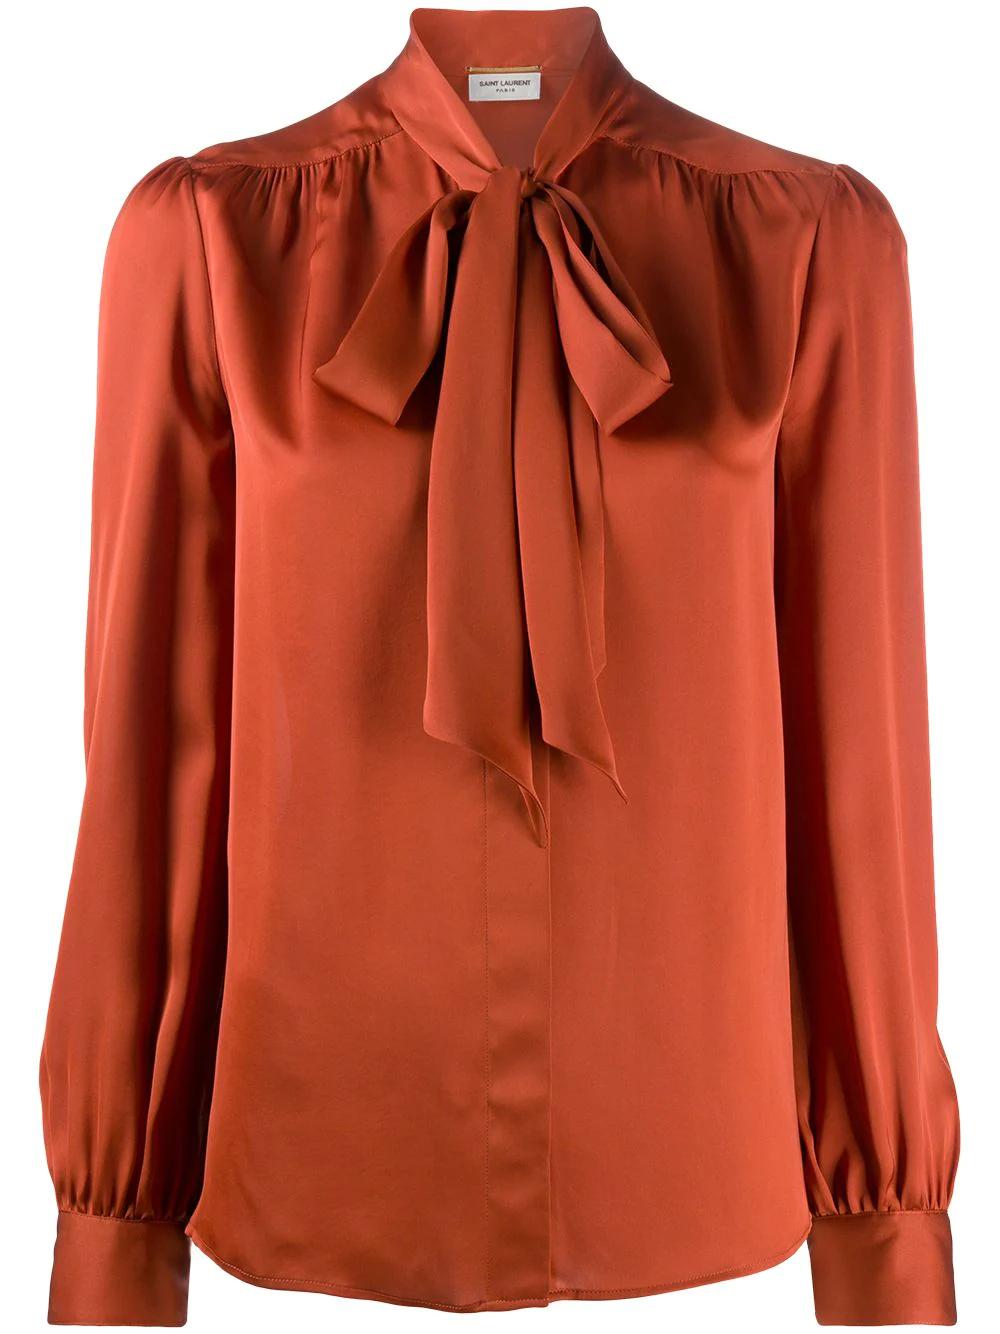 SAINT LAURENT | Saint Laurent блузка с бантом | Clouty